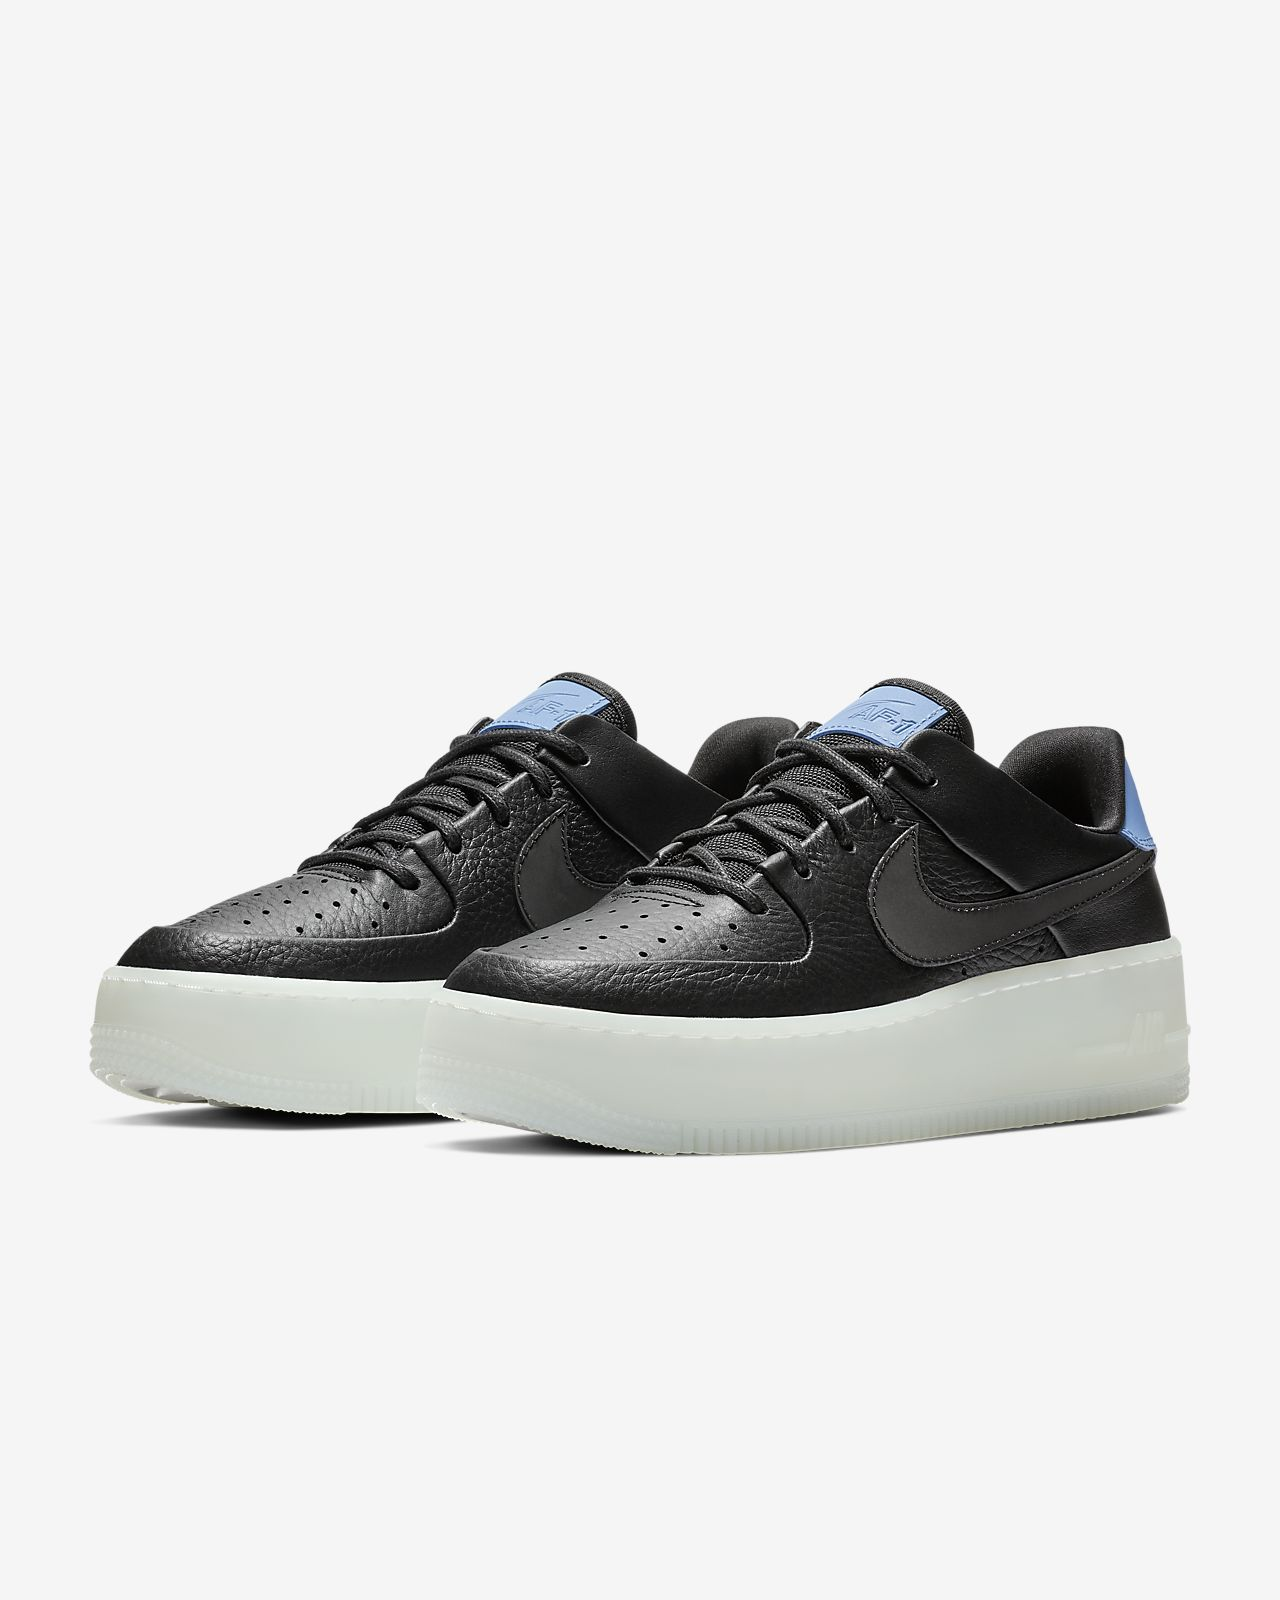 1lkcftj Lx Force Low Donnait Nike Scarpa 1 Sage Air wXn0O8Pk